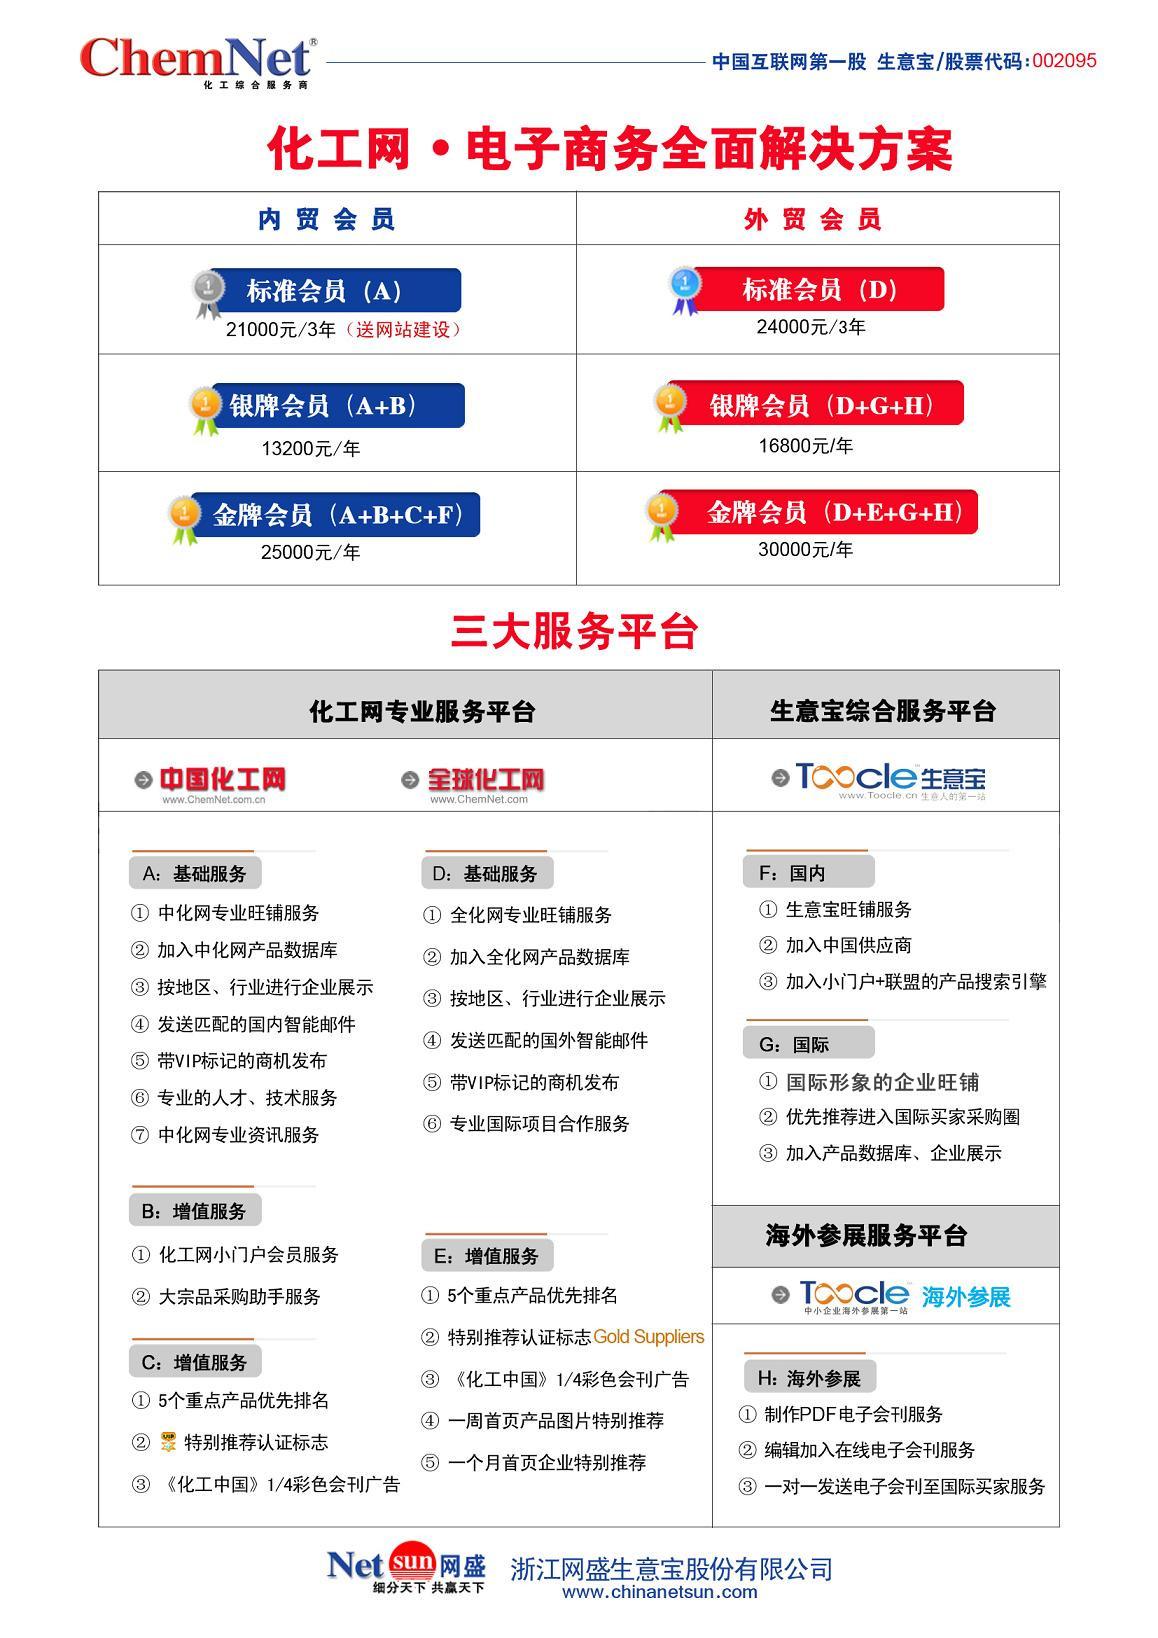 中国化工网普通会员